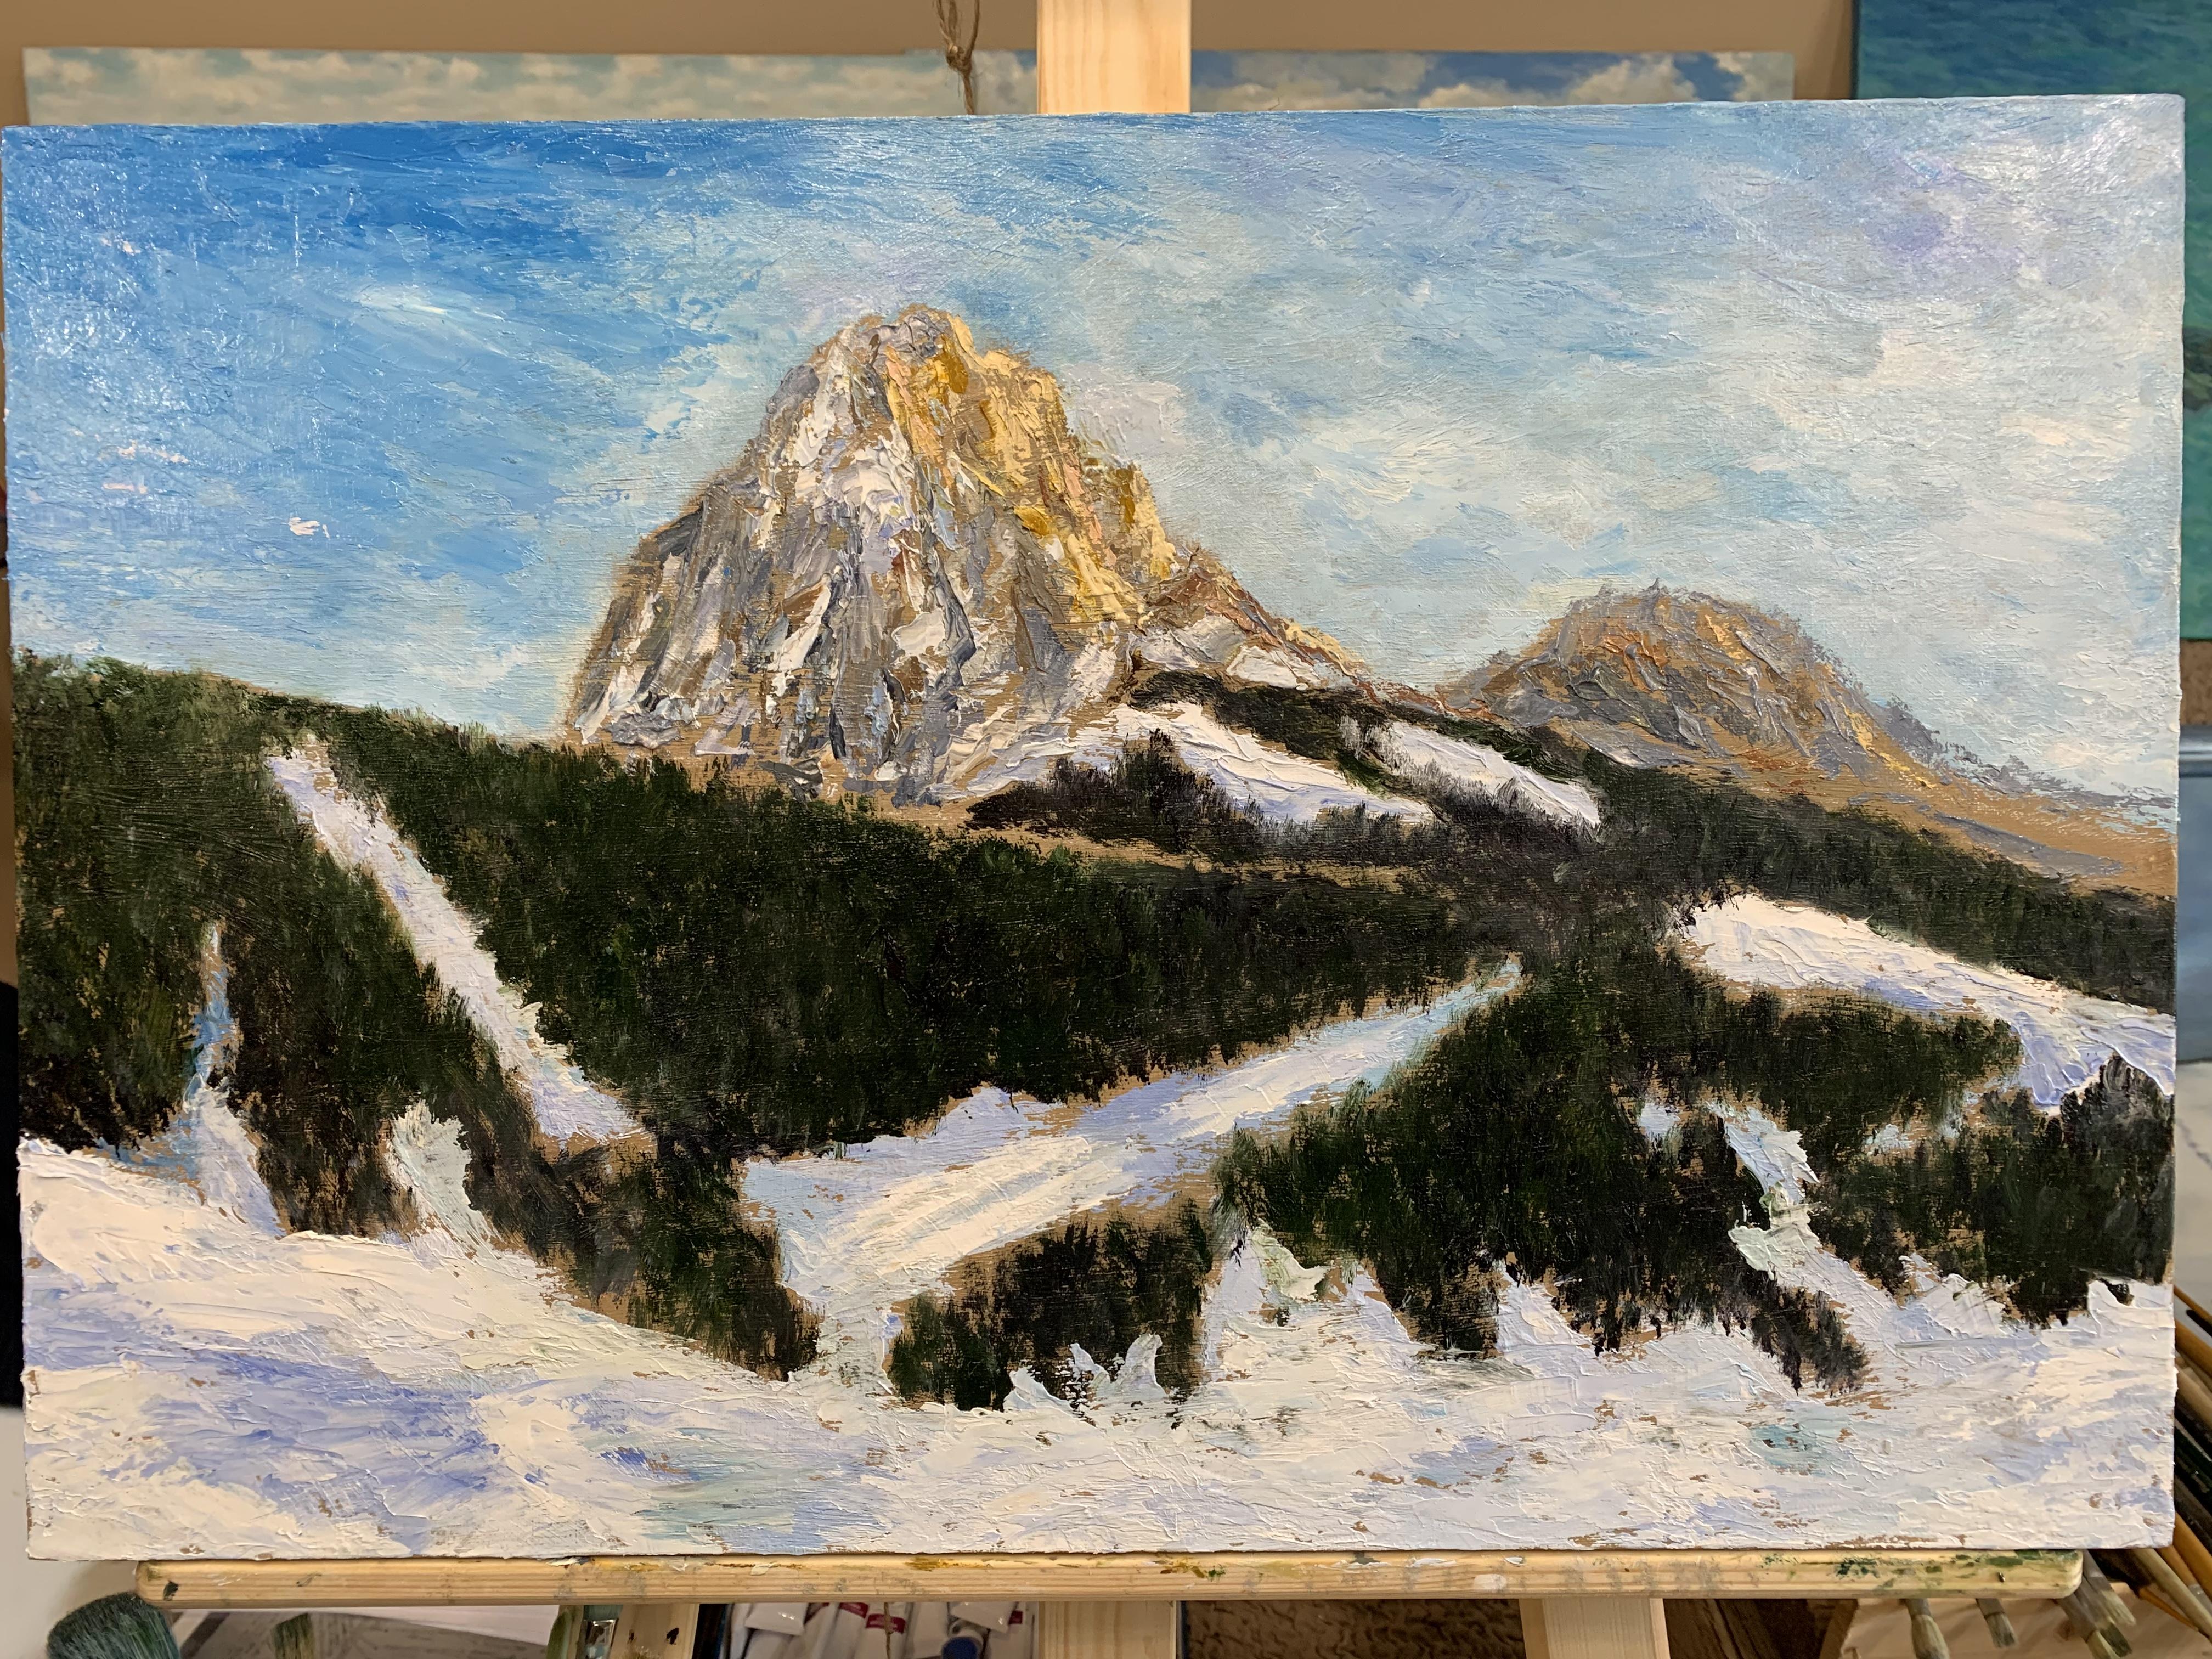 Горный пейзаж Sasso Lungo Вальгардена Доломиты Альпы картина маслом художник Альберт Сафиуллин